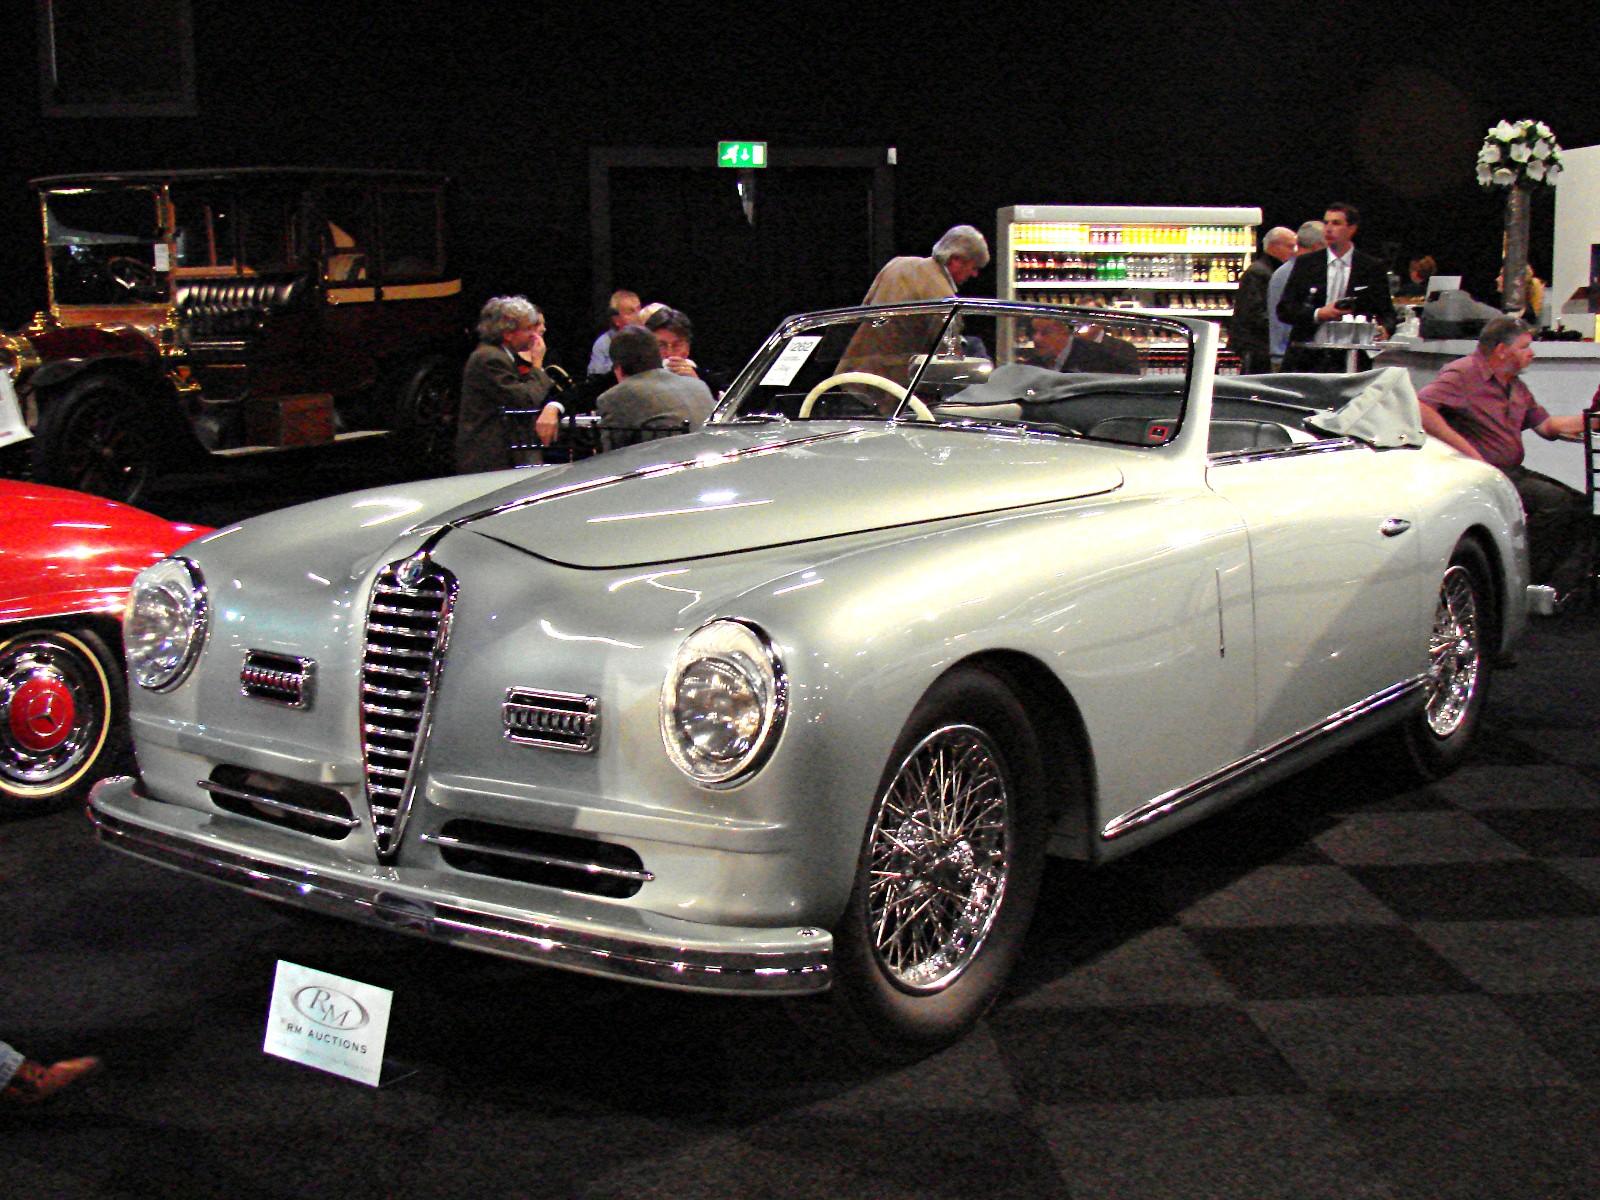 File:Alfa Romeo 6C 2500 SS Pinin Farina Cabriolet.jpg - Wikimedia Commons